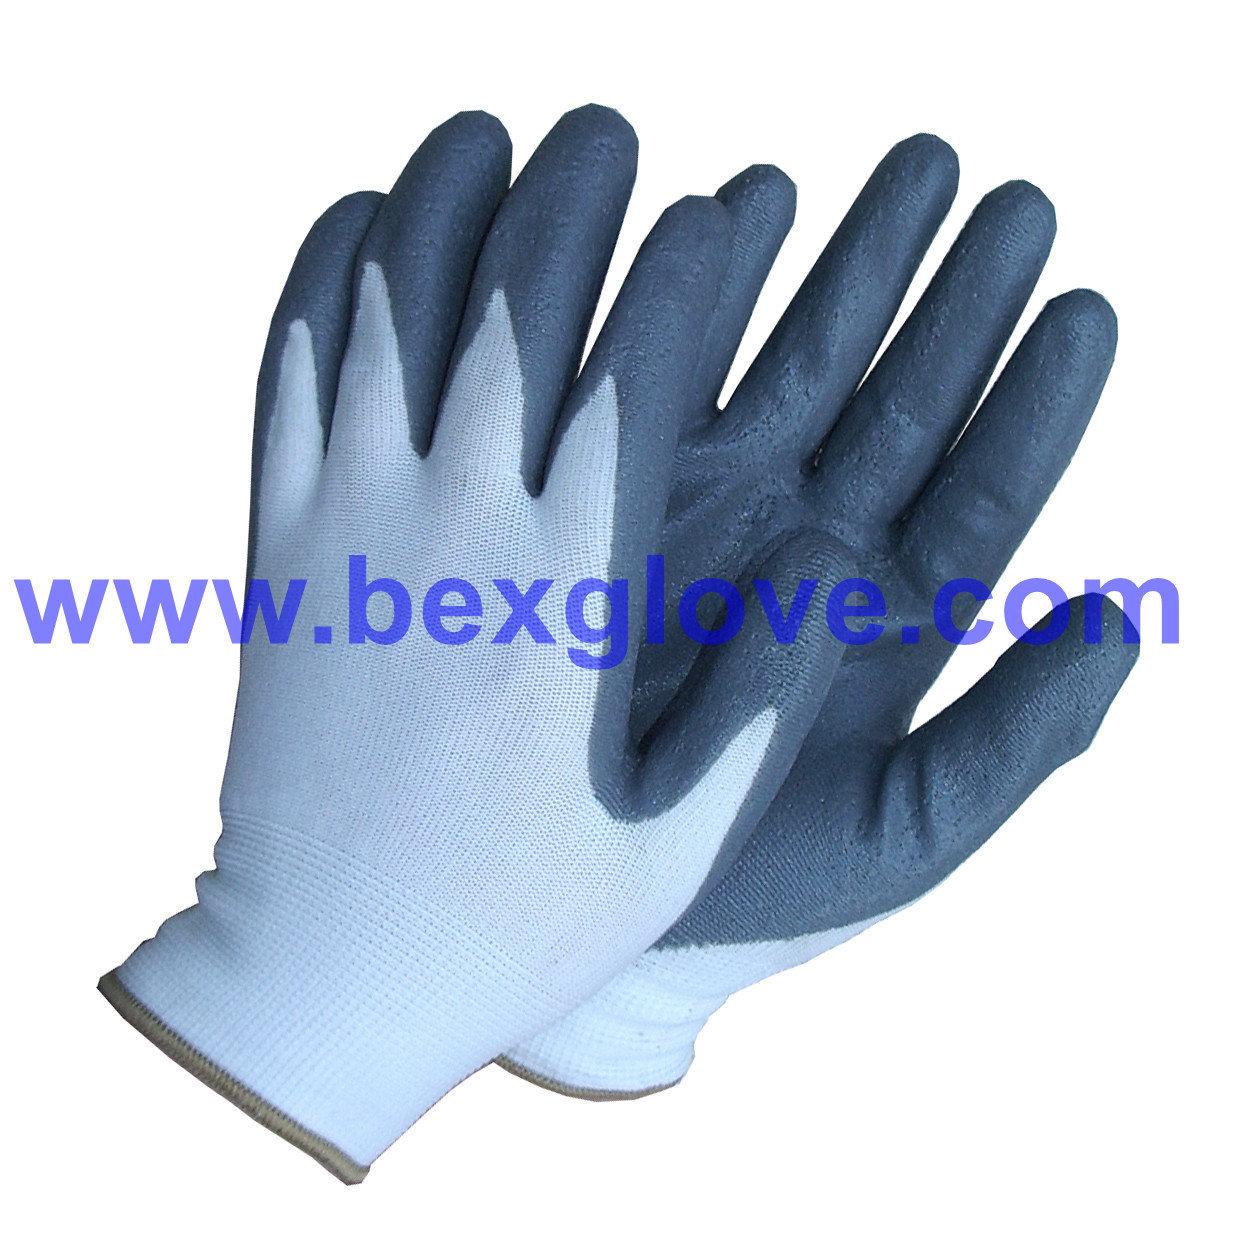 13 Gauge Polyester Liner, Nitrile Coating, Foam Finish Glove